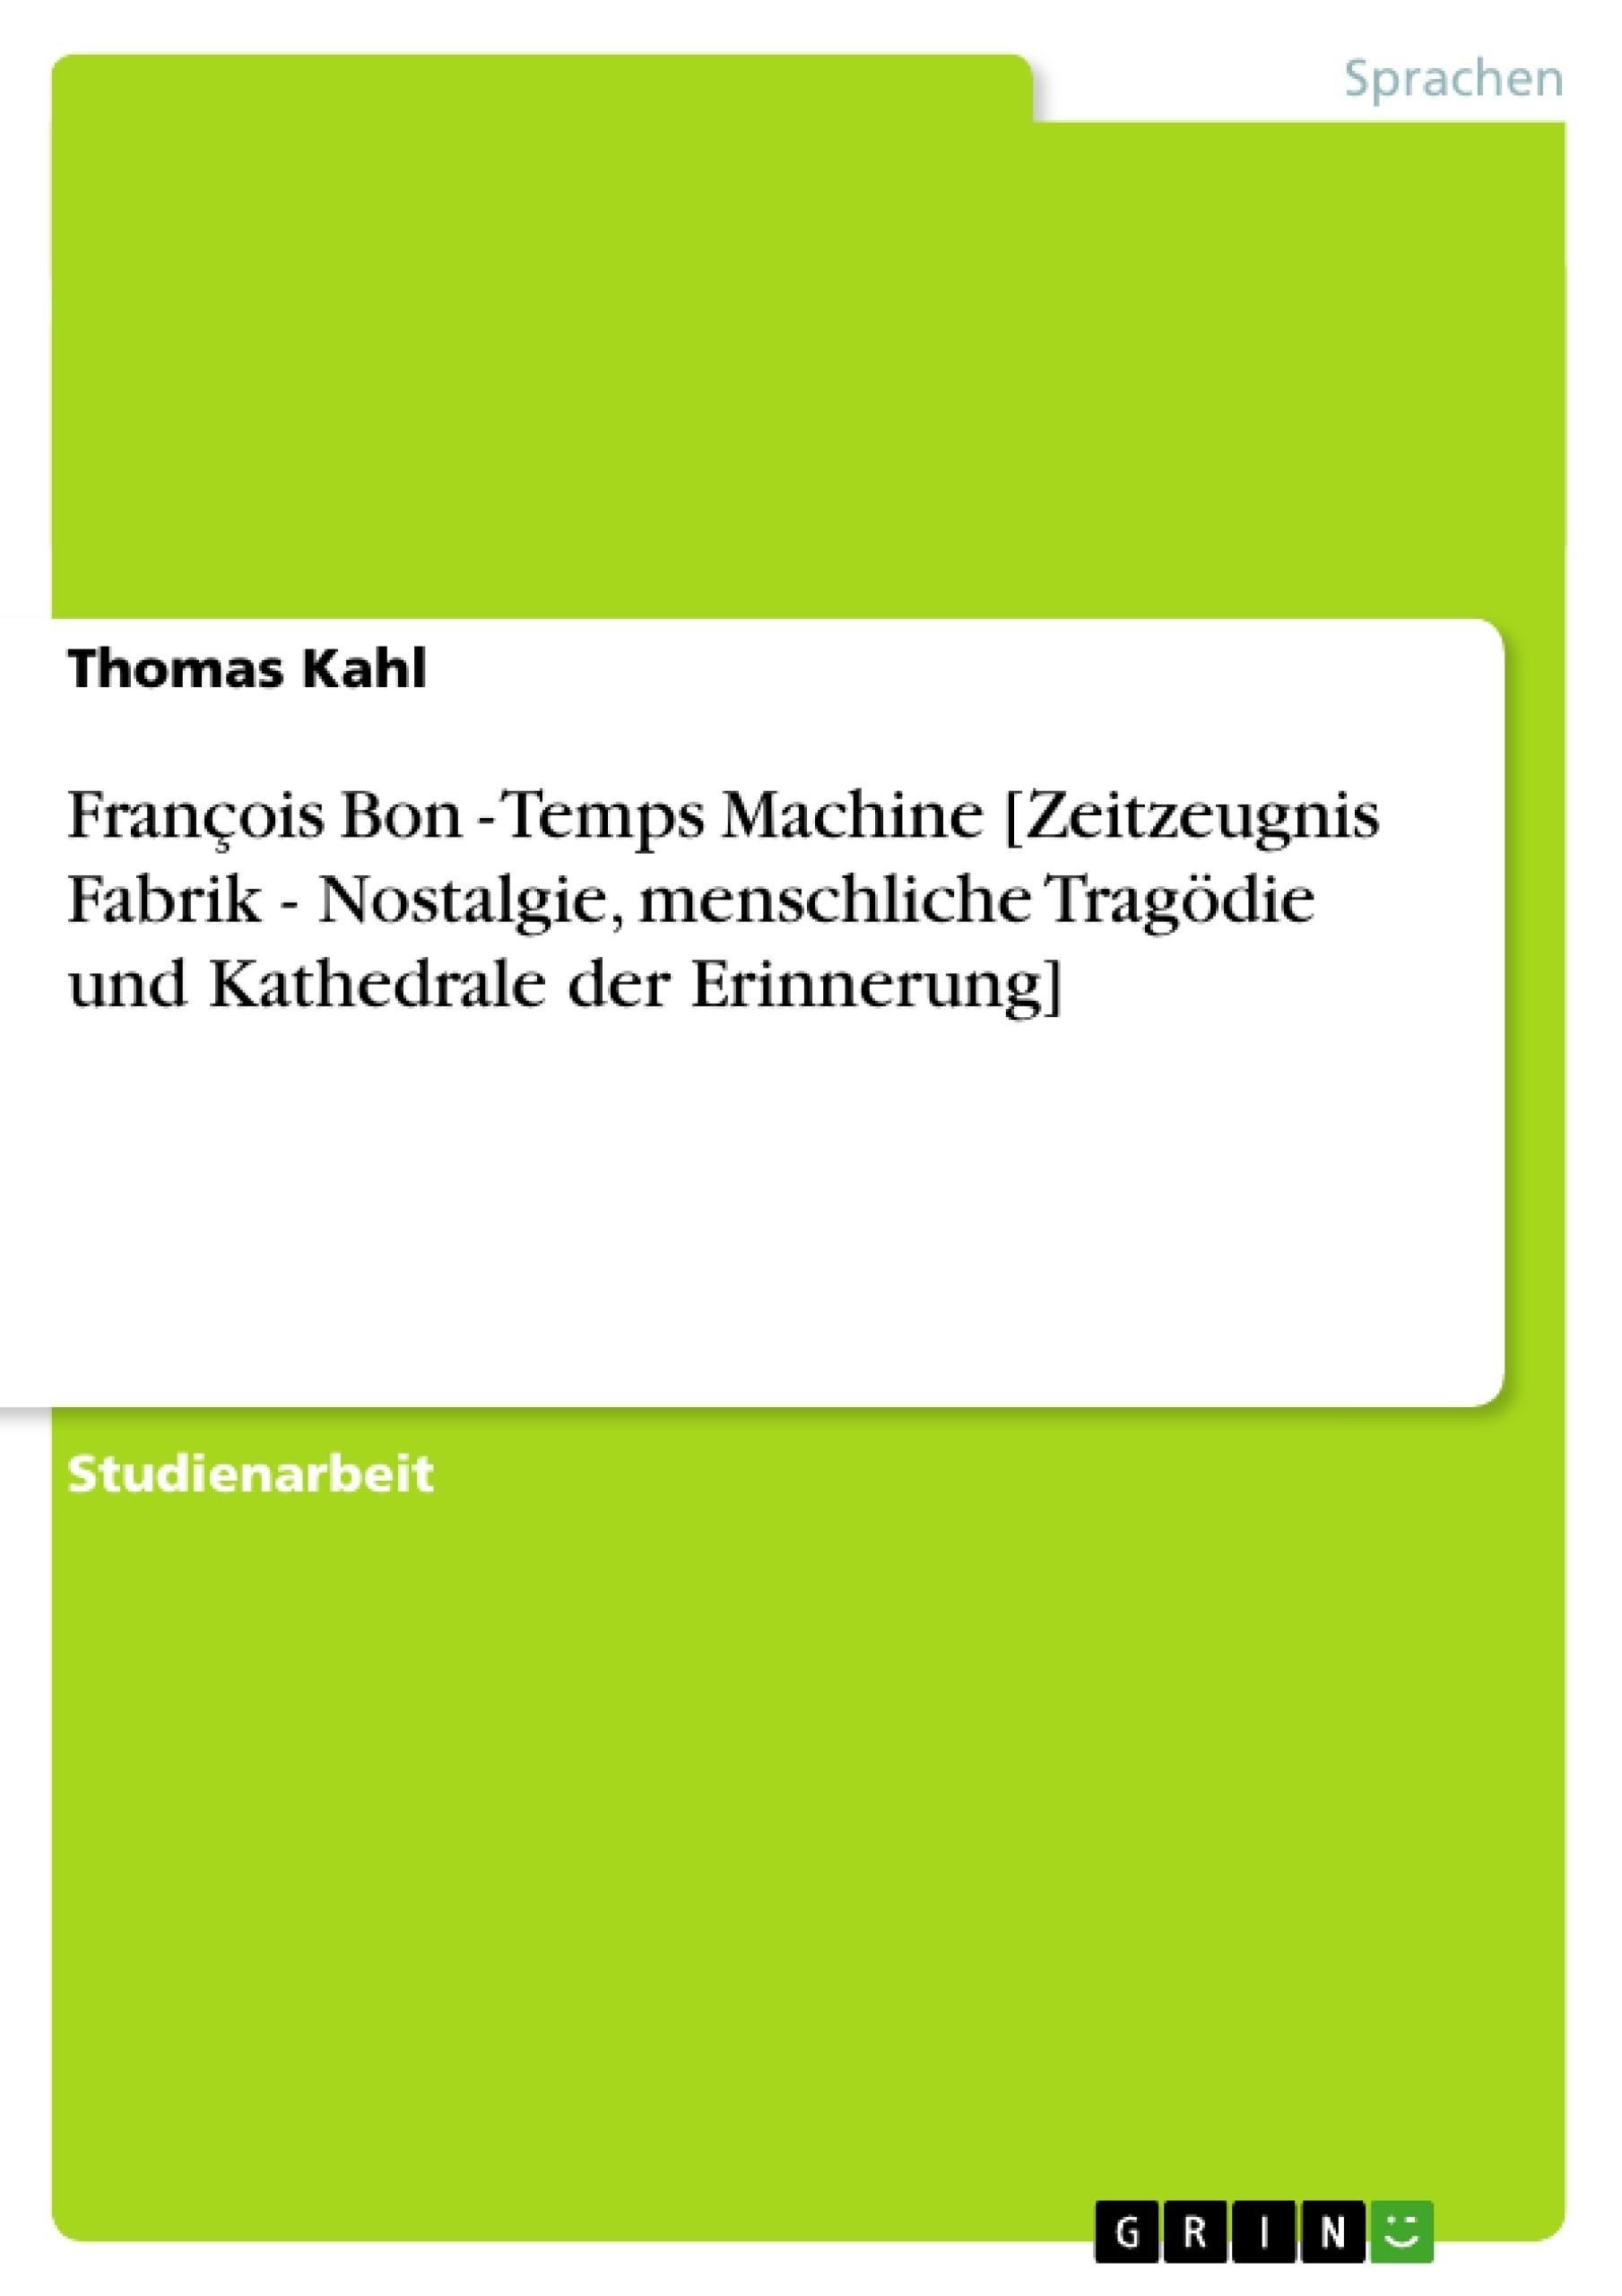 Titel: François Bon - Temps Machine [Zeitzeugnis Fabrik - Nostalgie, menschliche Tragödie und Kathedrale der Erinnerung]